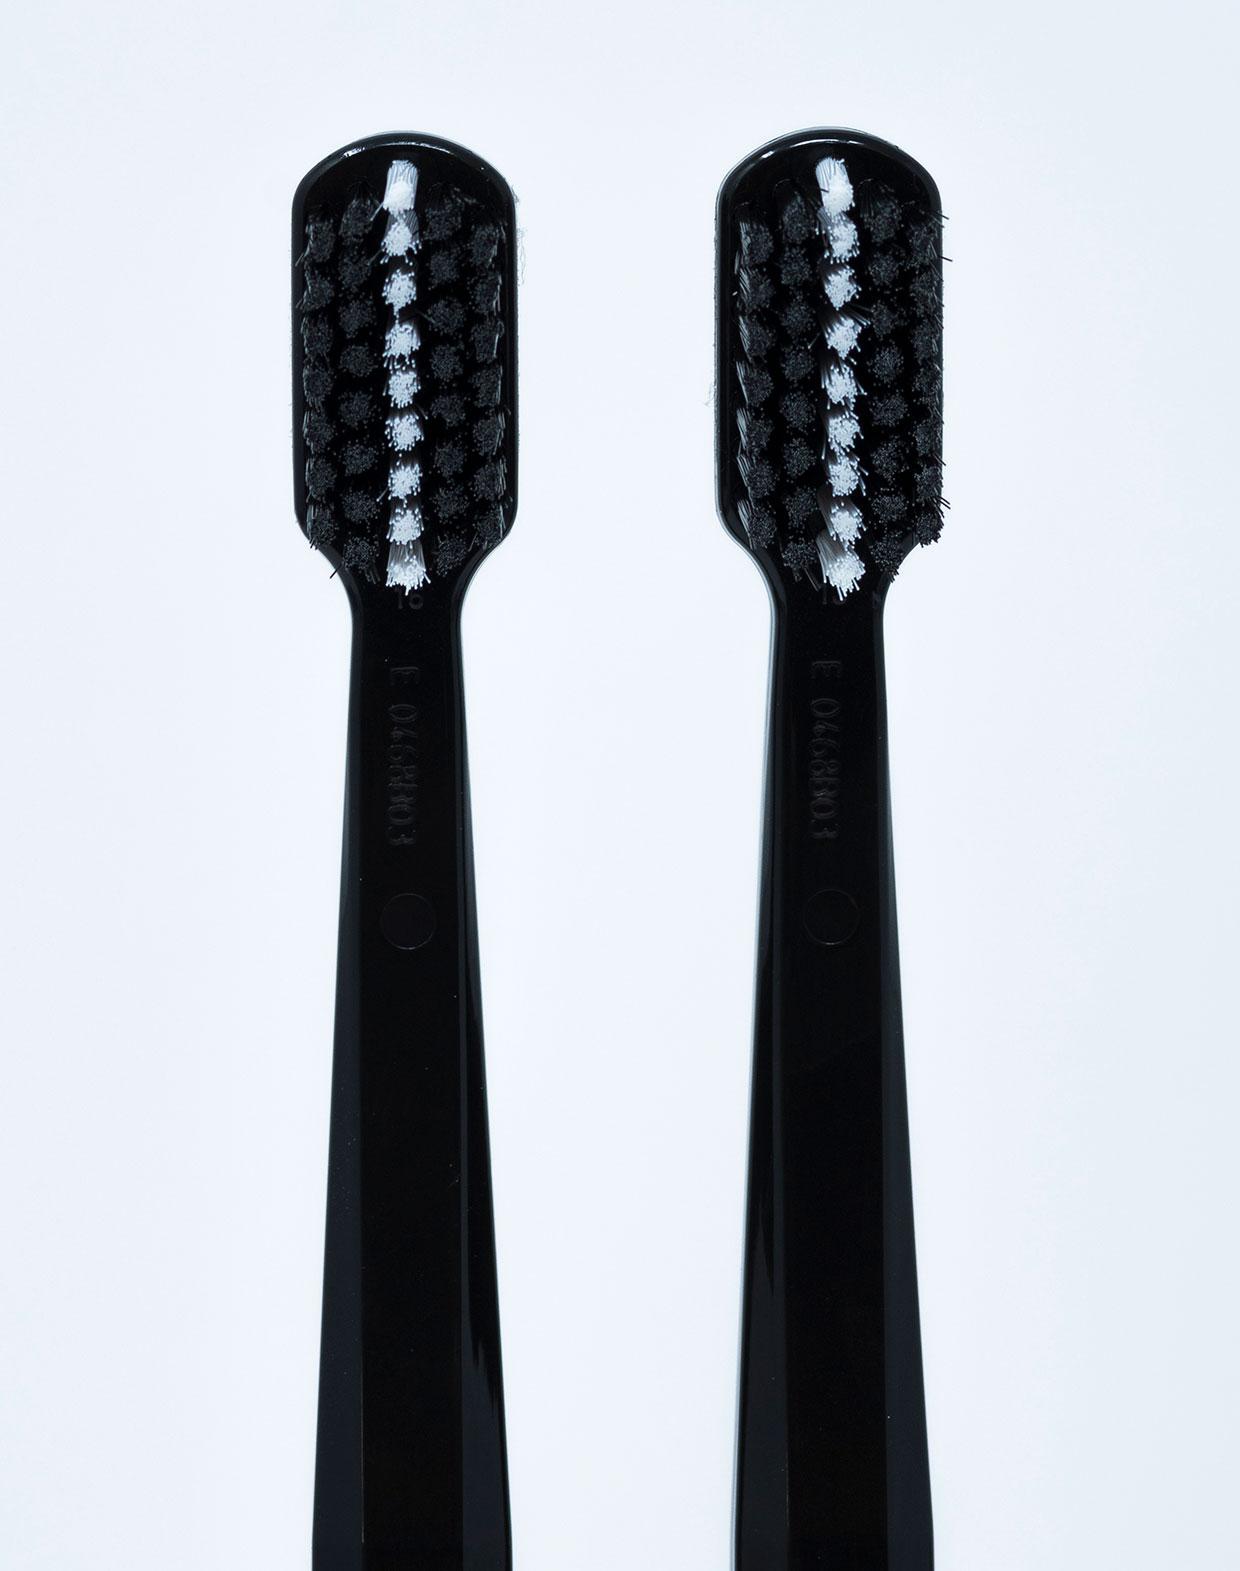 Curaprox Spazzolino Black is White - 2 pz